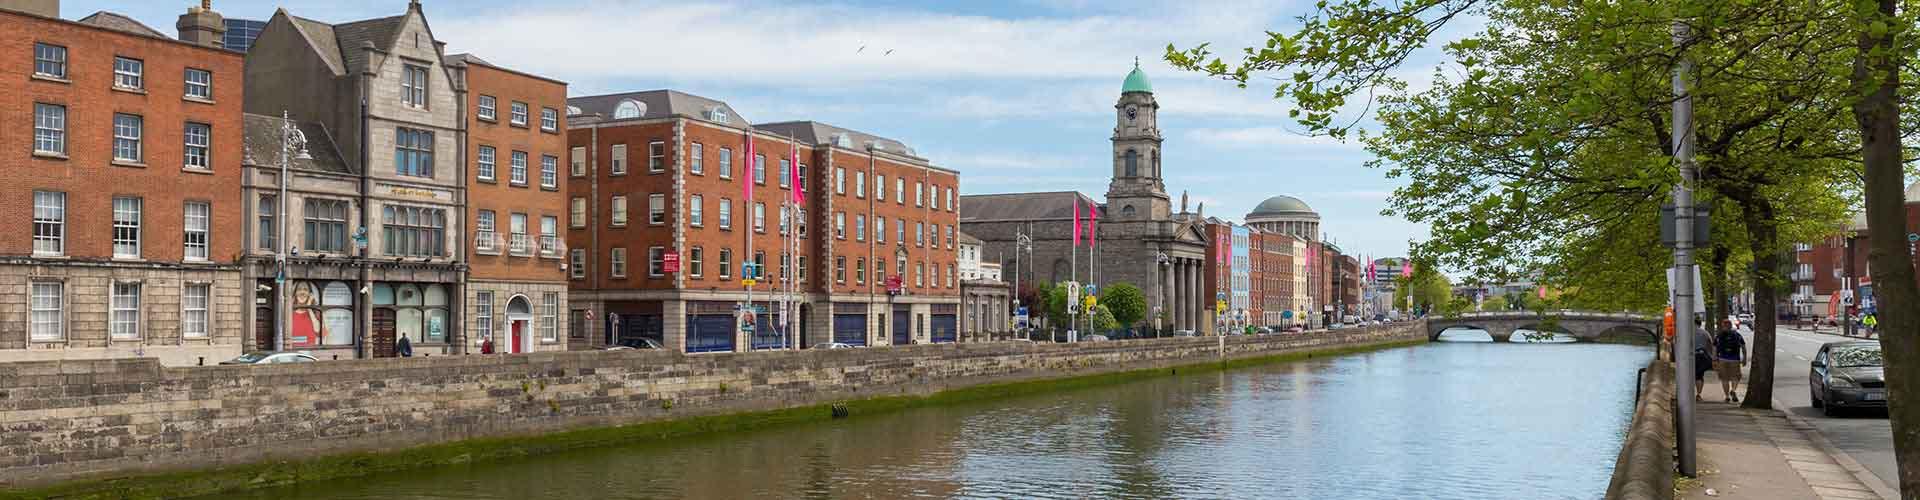 Dublin – Hostellit lähellä Kupungin keskusta. Dublin -karttoja, valokuvia ja arvosteluja kaikista Dublin -hostelleista.